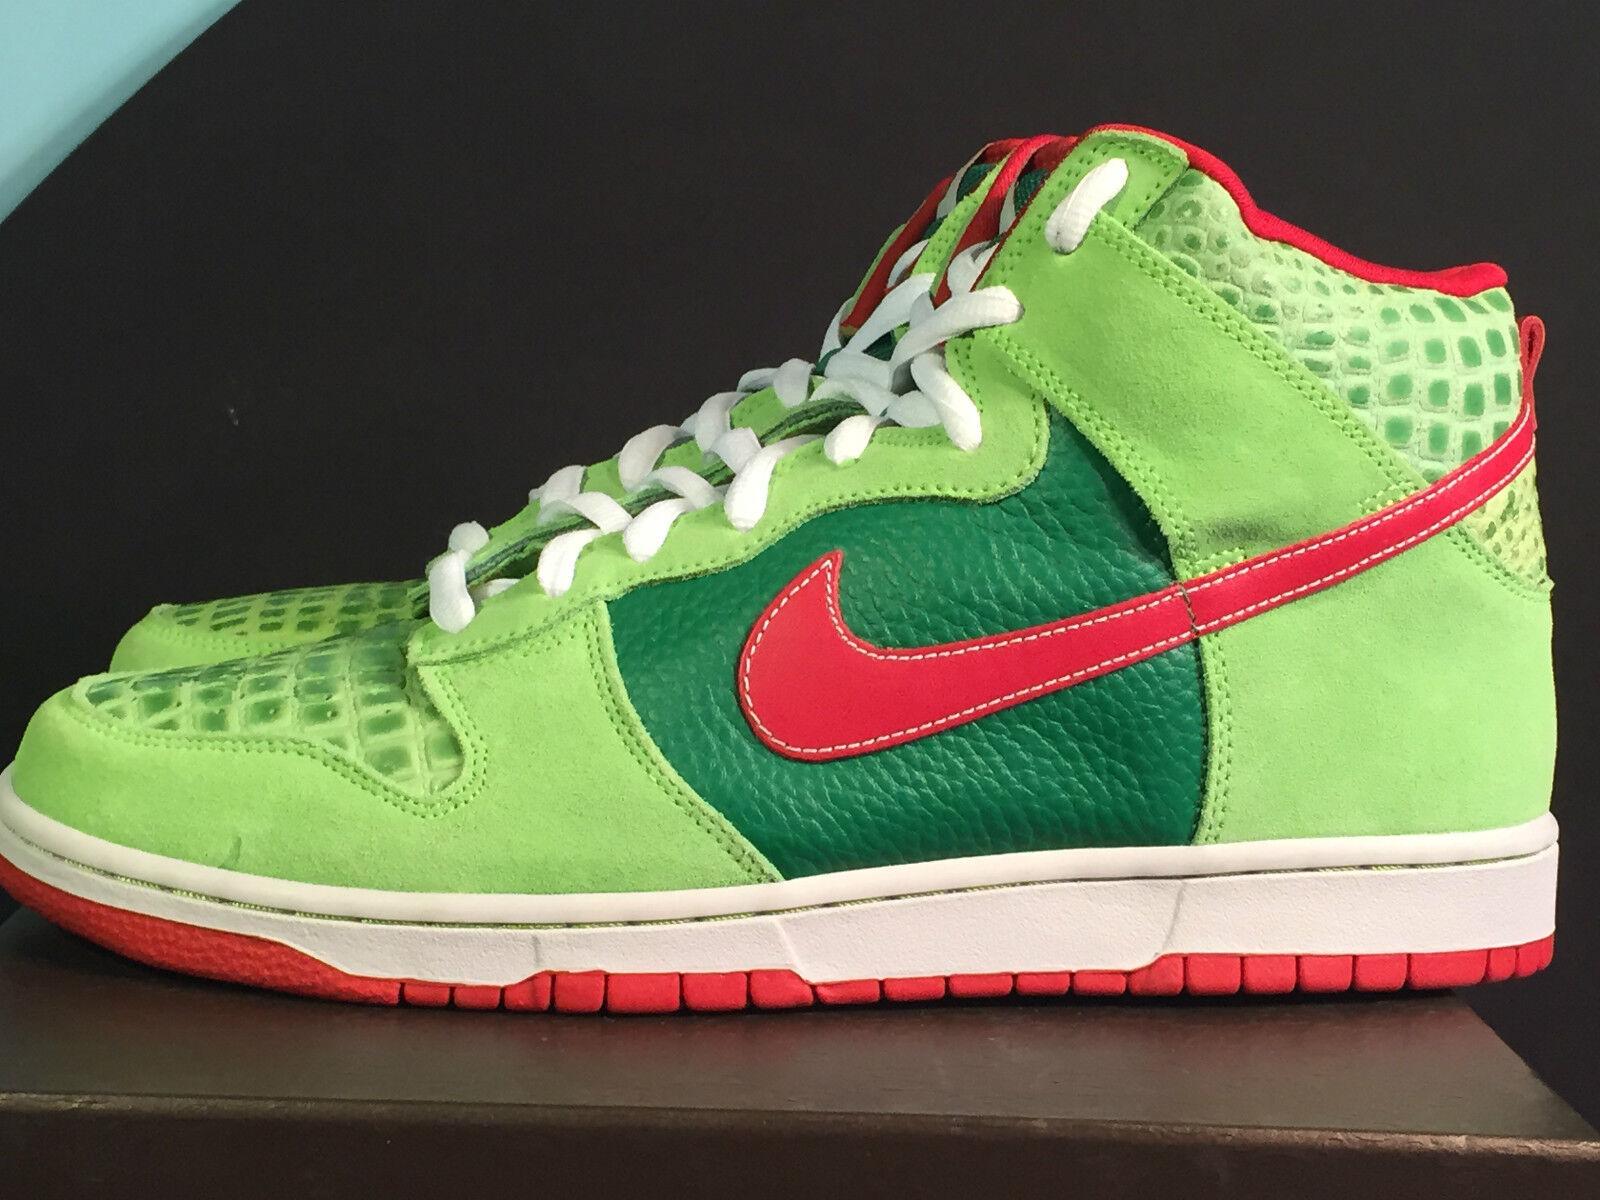 Nike schiacciare pivot pro sb feelgood dei motley crue, verde, rosso 305050-362!sz 12